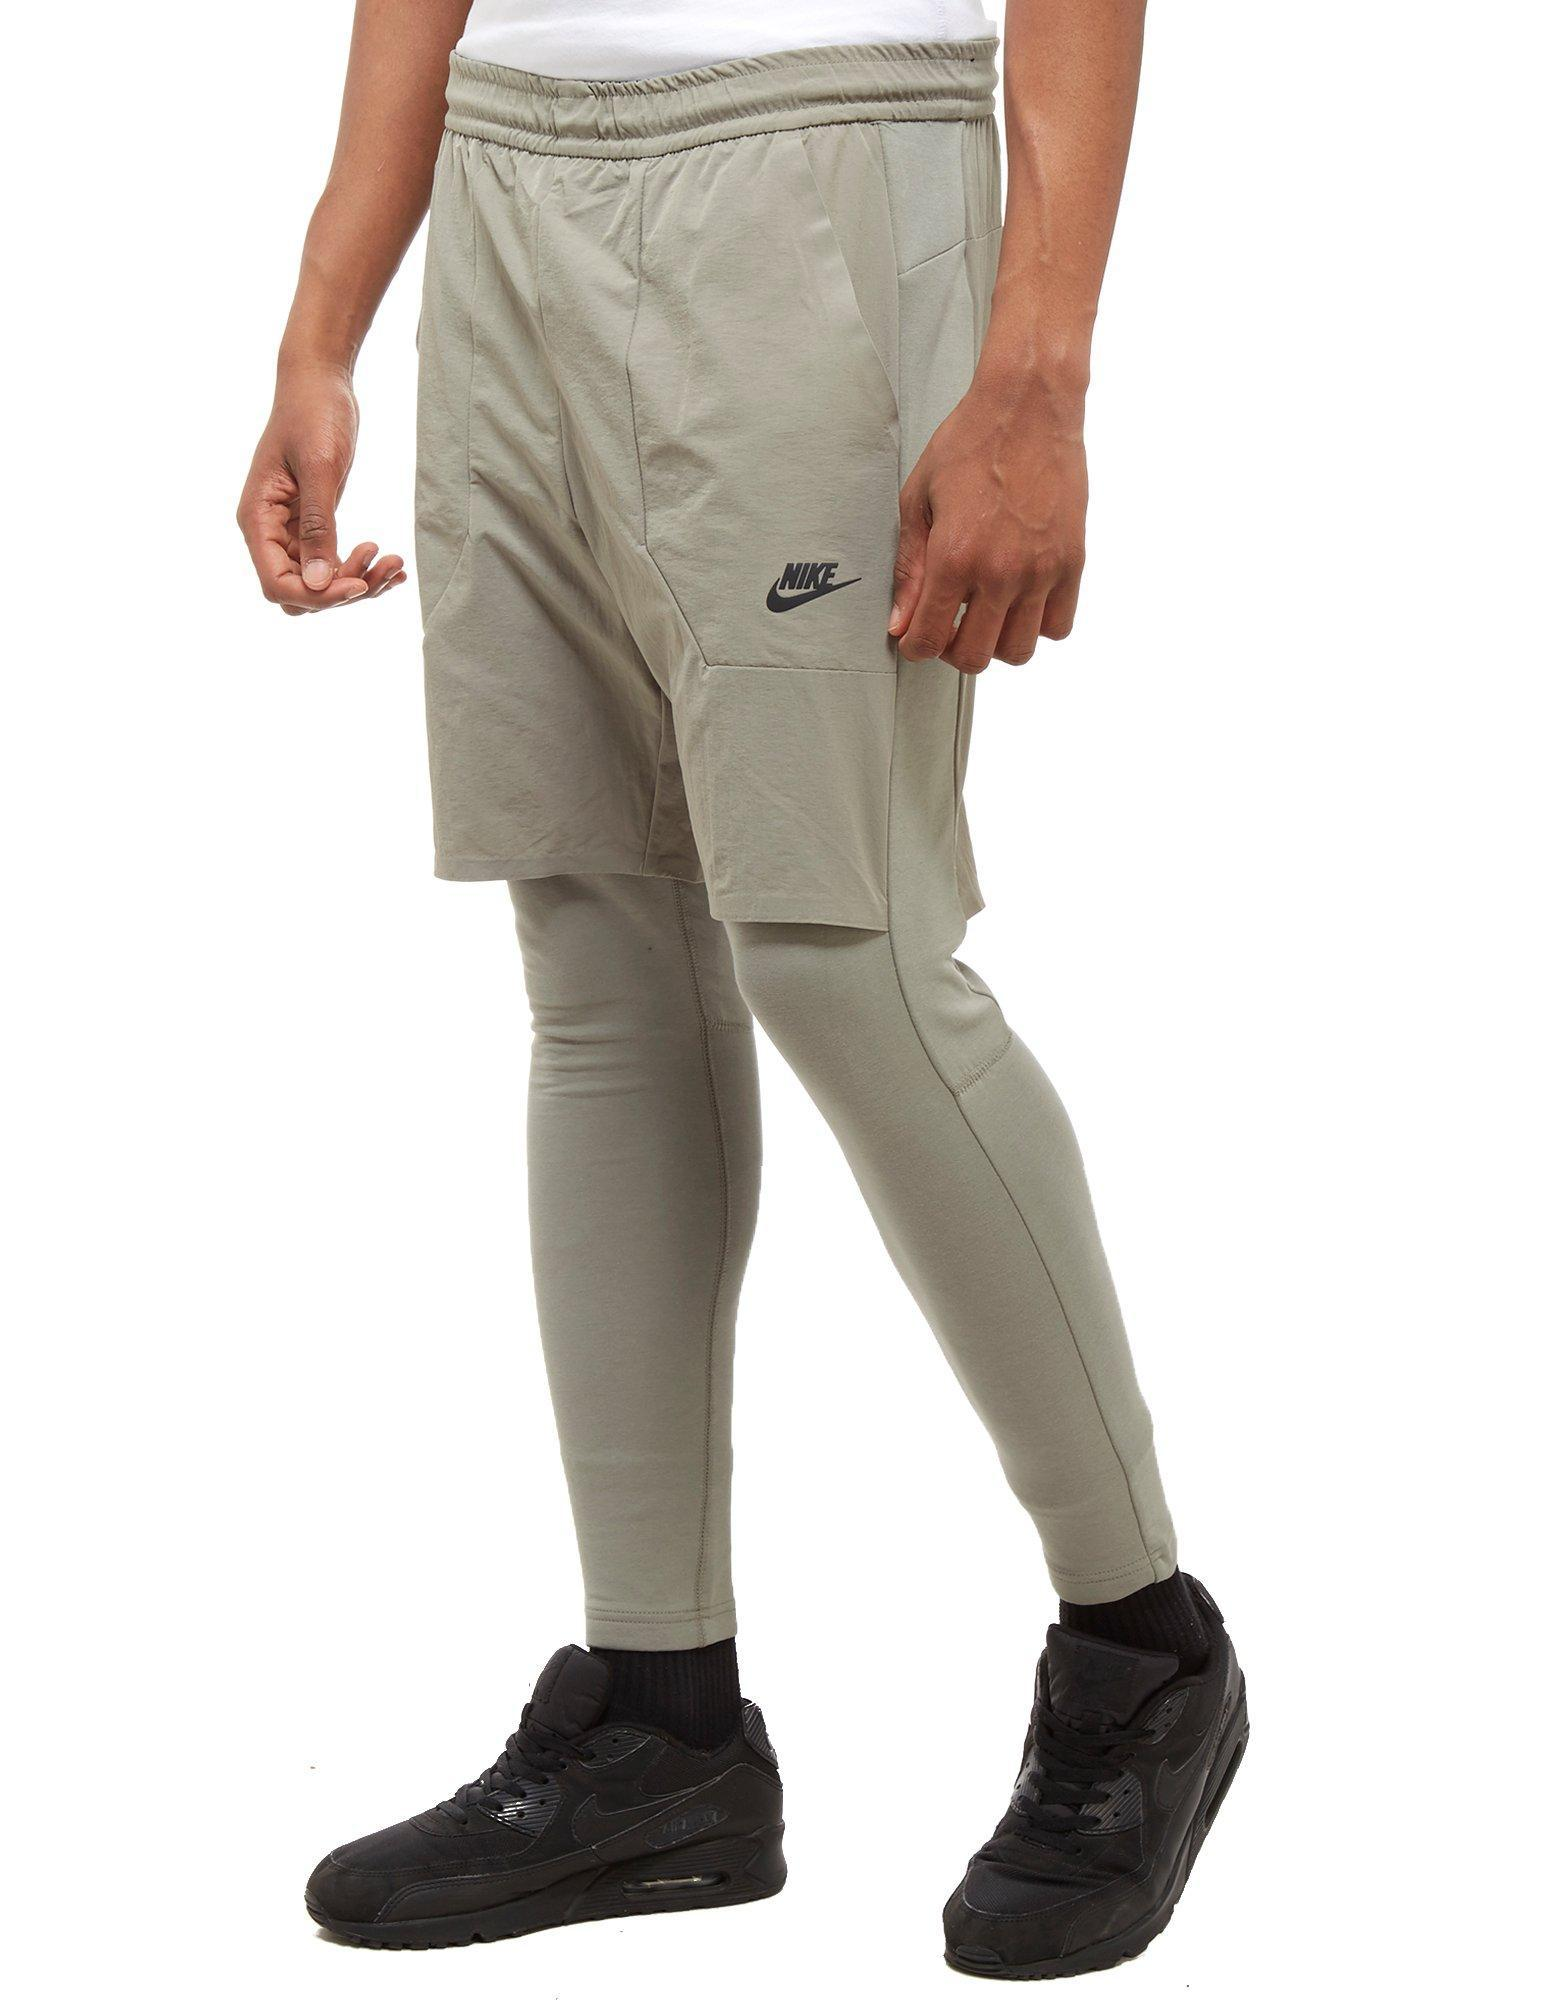 nike 2 in 1 pants